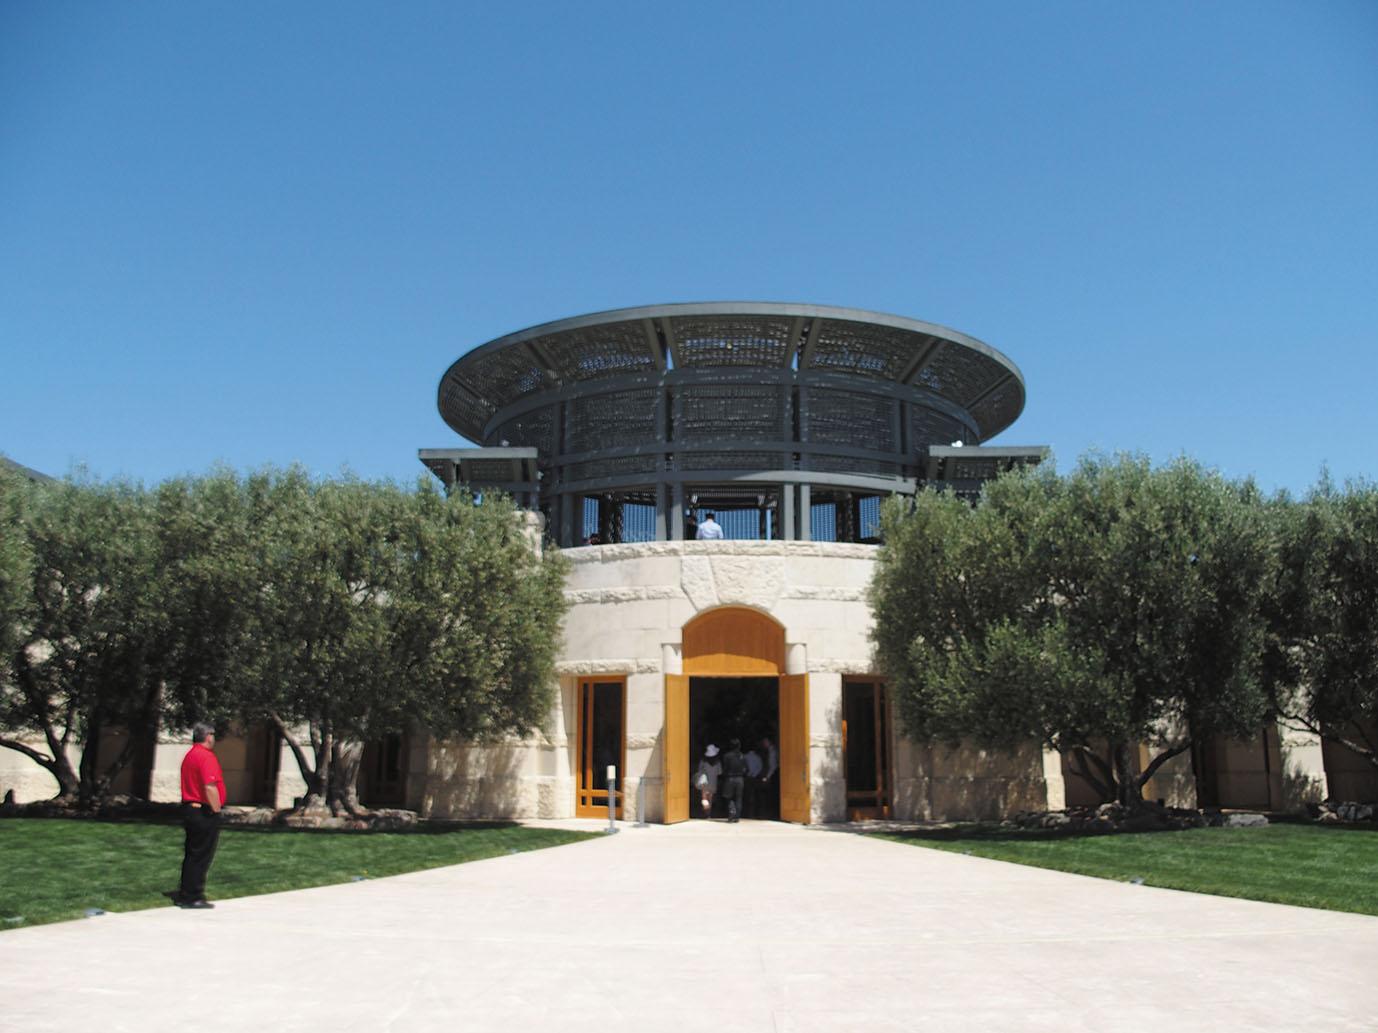 Opus One Winery このエリアでもひときわ目立つ、見事な建築。テイスティングルームにはさり気なくピカソの絵画が飾ってあるなど、インテリアもしっかりと見ておきたい。